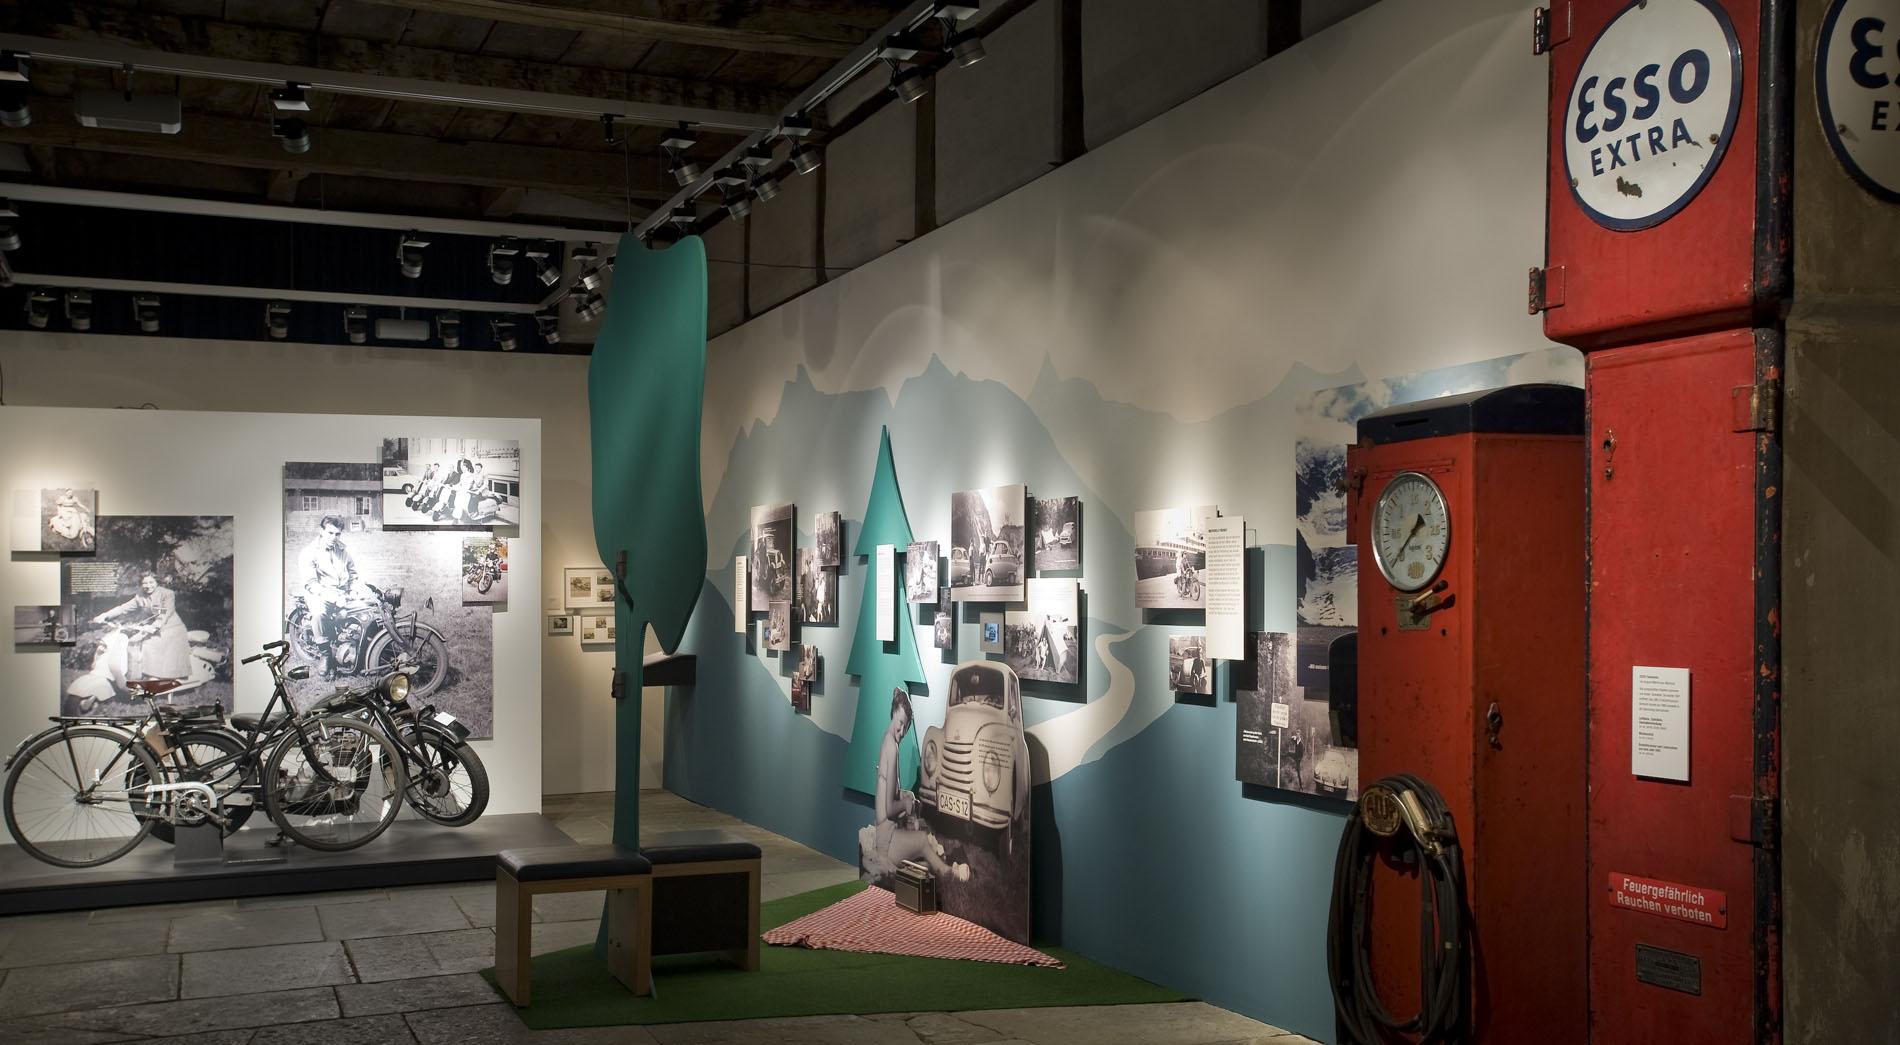 Sehnsüchte und Erinnerungen Mein erstes Fahrzeug, Freilichtmuseum Detmold